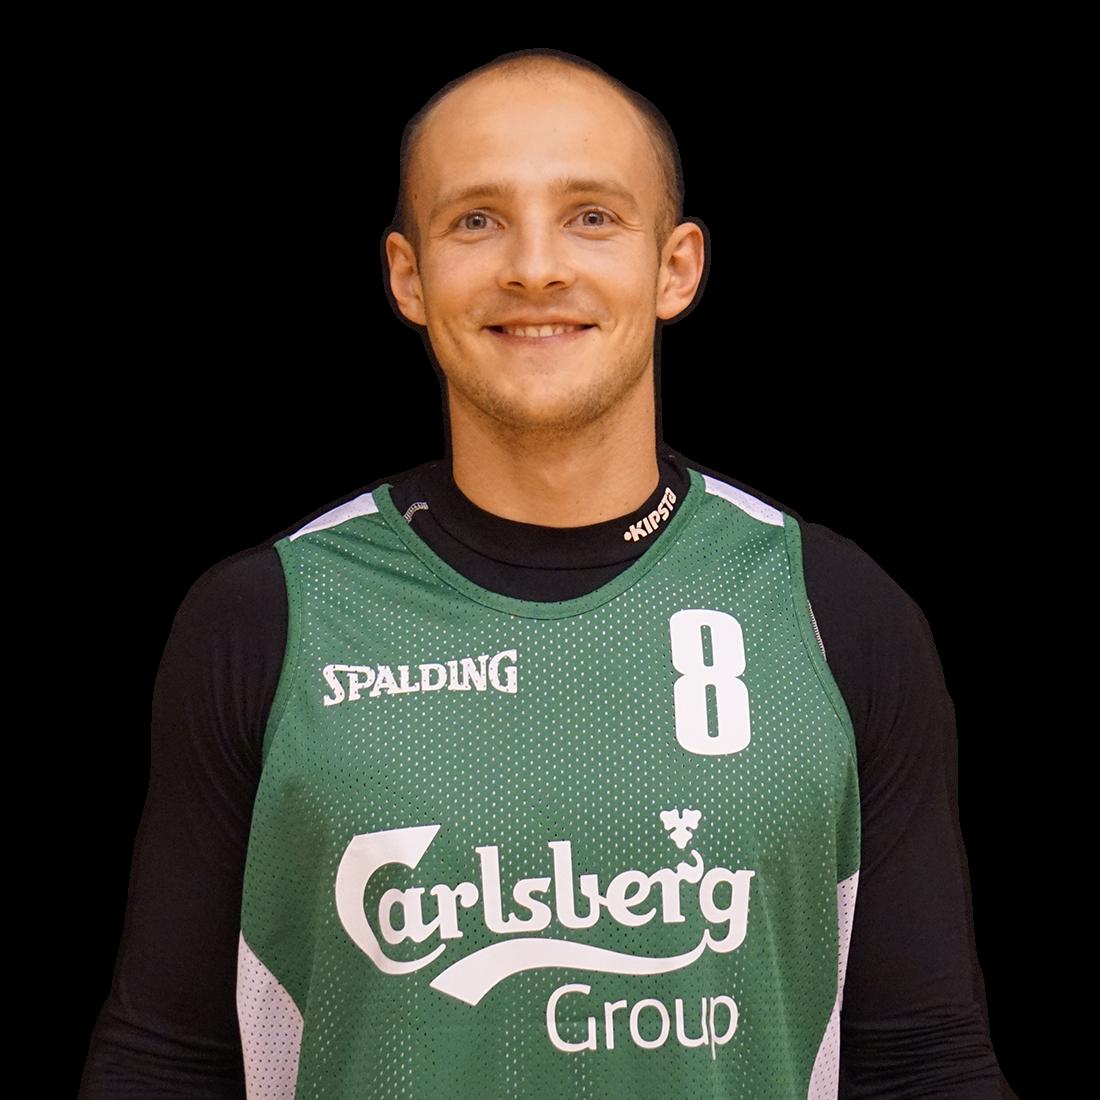 Daniel Cejba